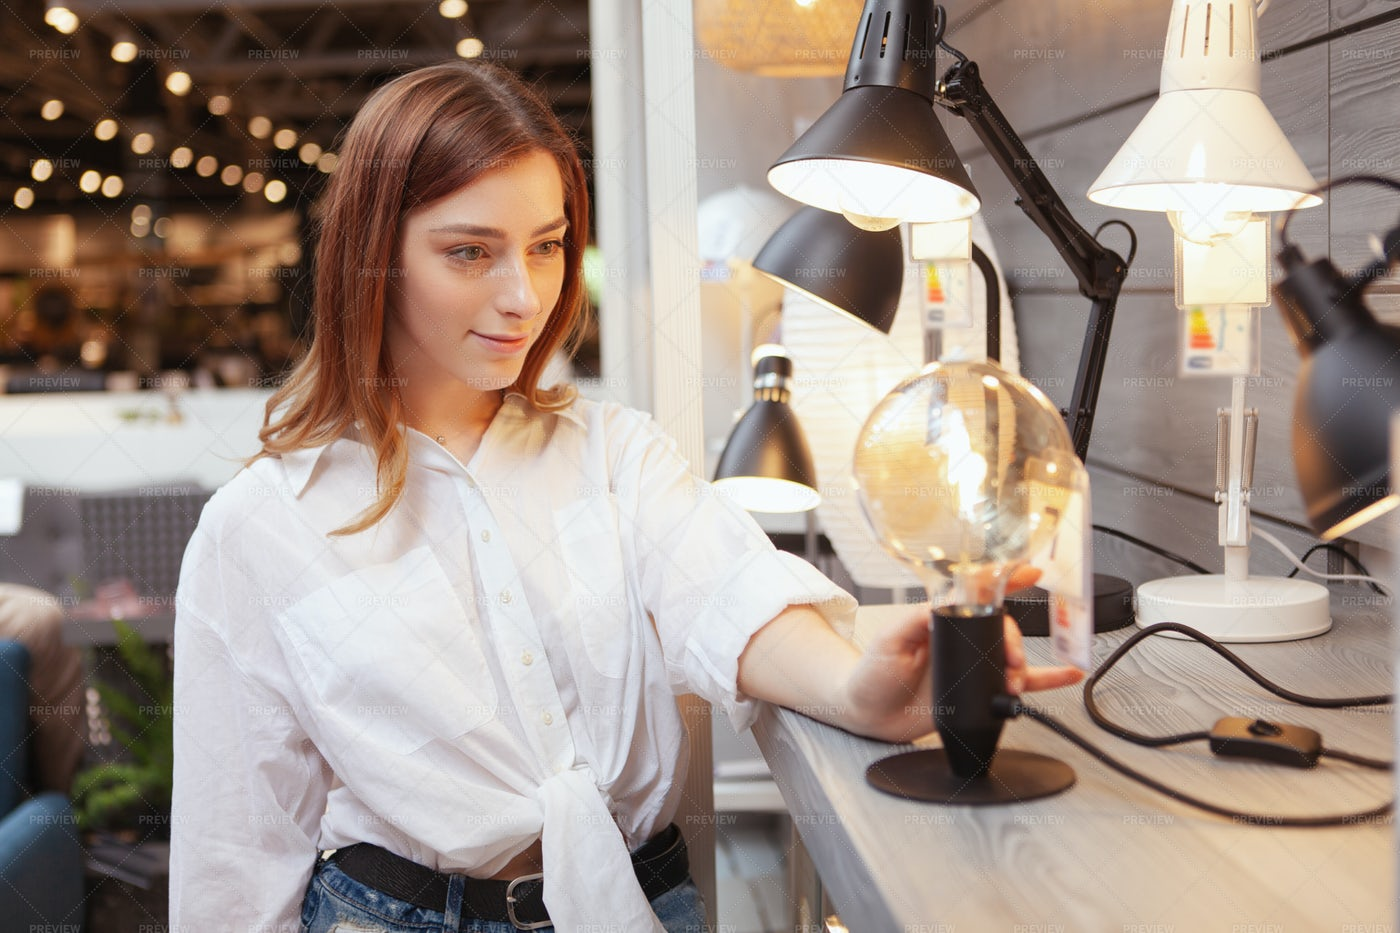 Choosing New Lamp: Stock Photos